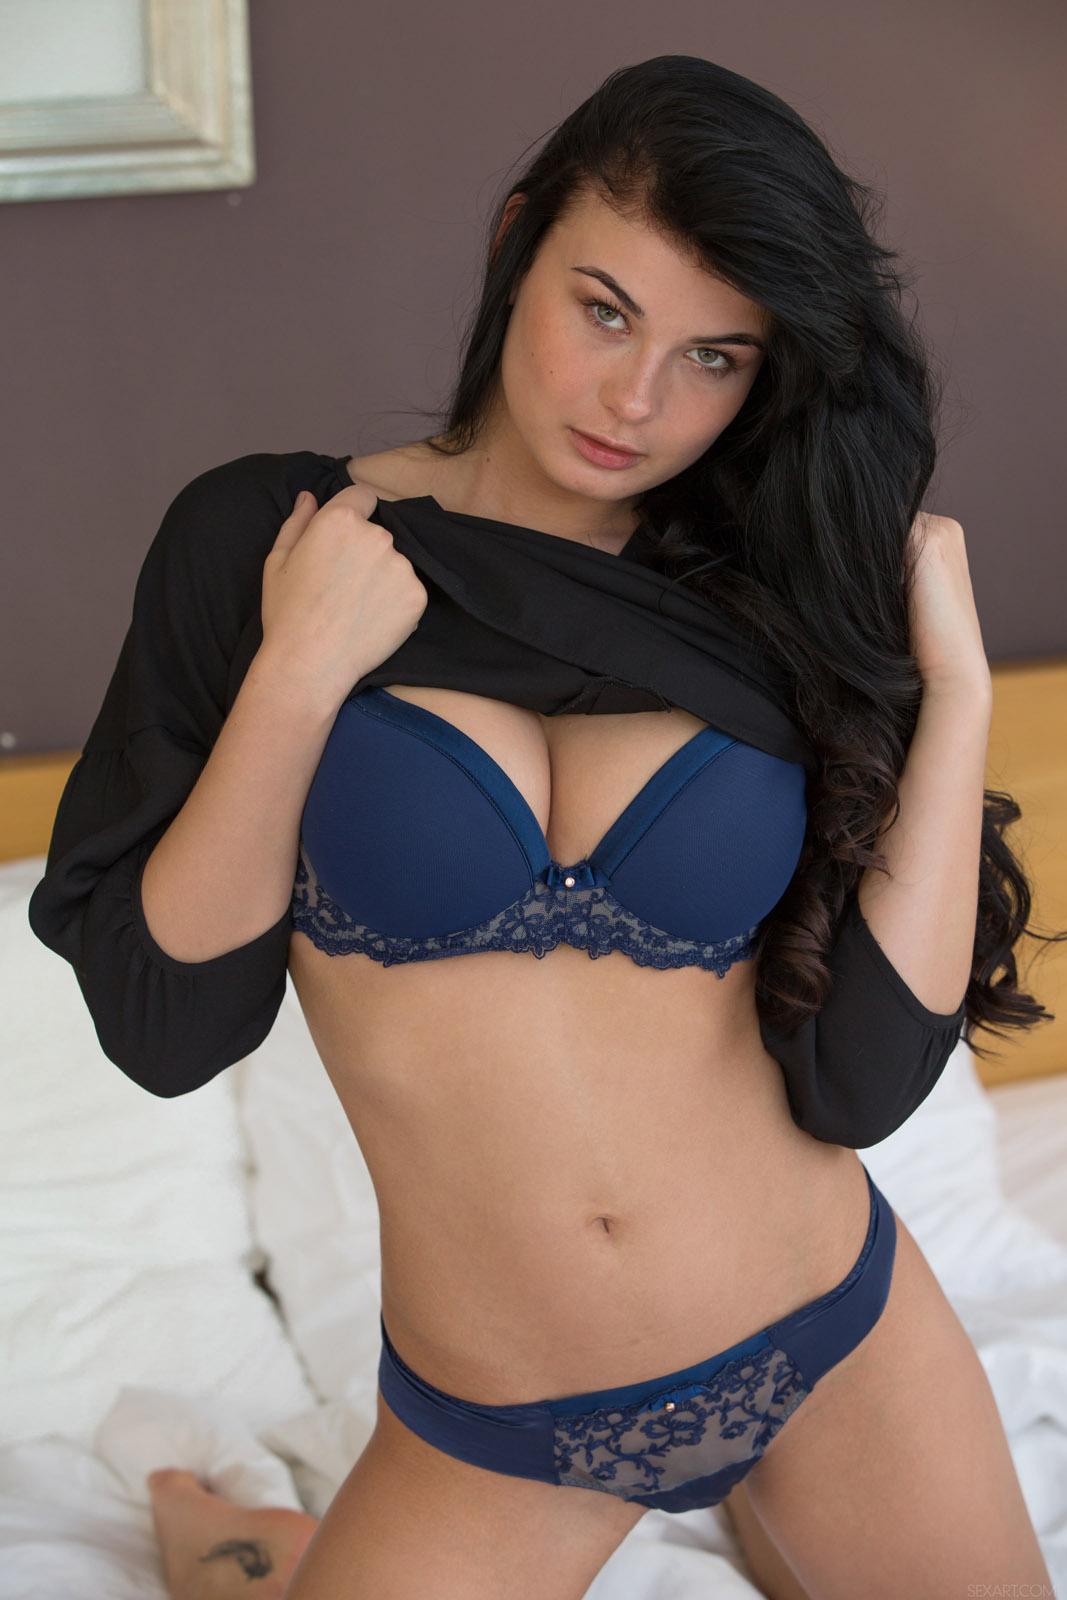 Li sex lucy Lucy Li